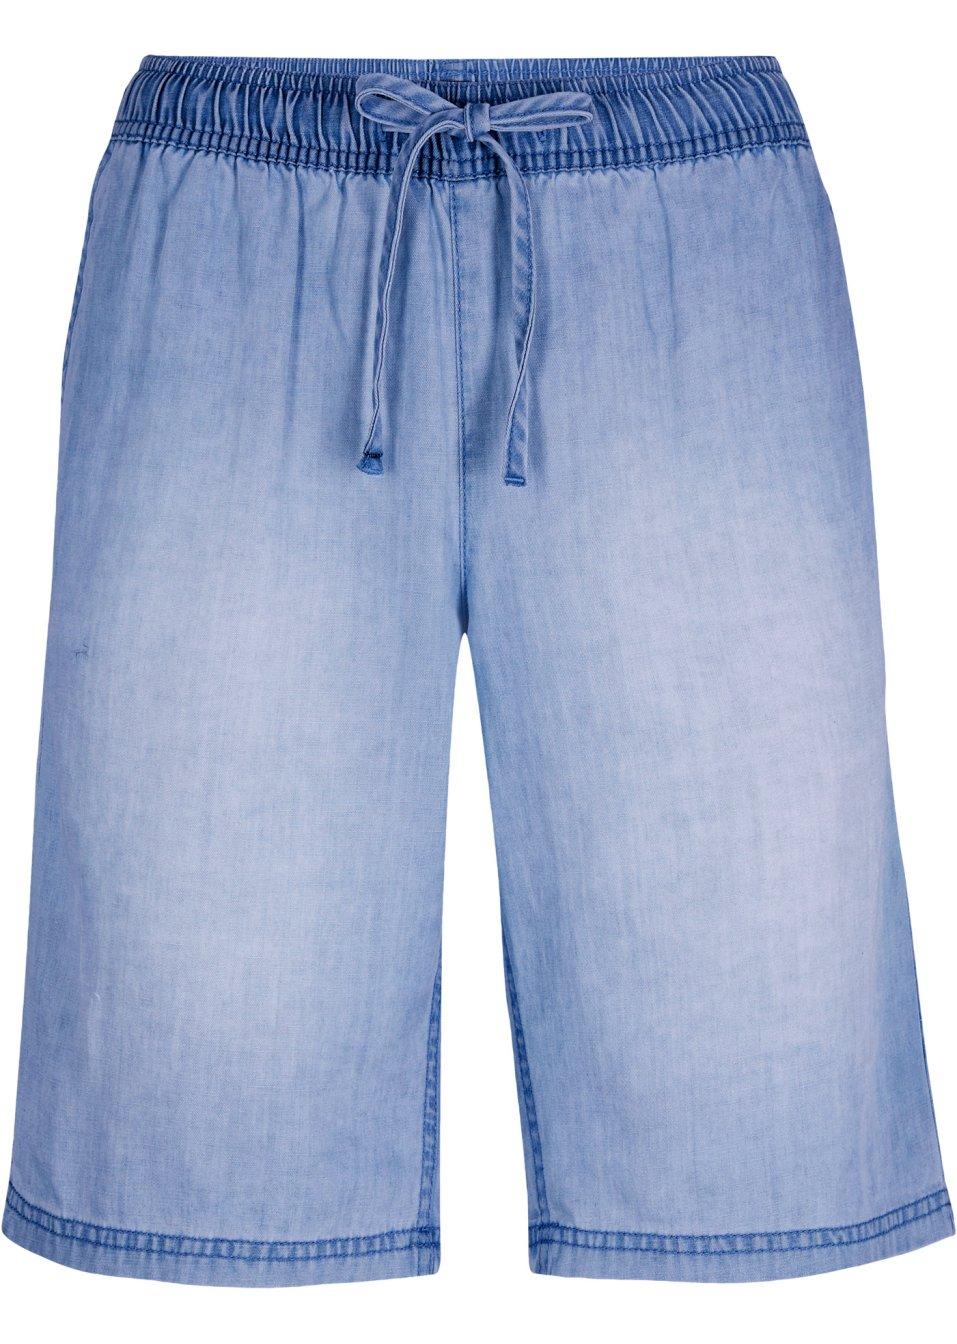 Vielseitig kombinierbare leichte Denim-Hose mit komfortablem Gummibund - blue bleached dnWGh YDE0O